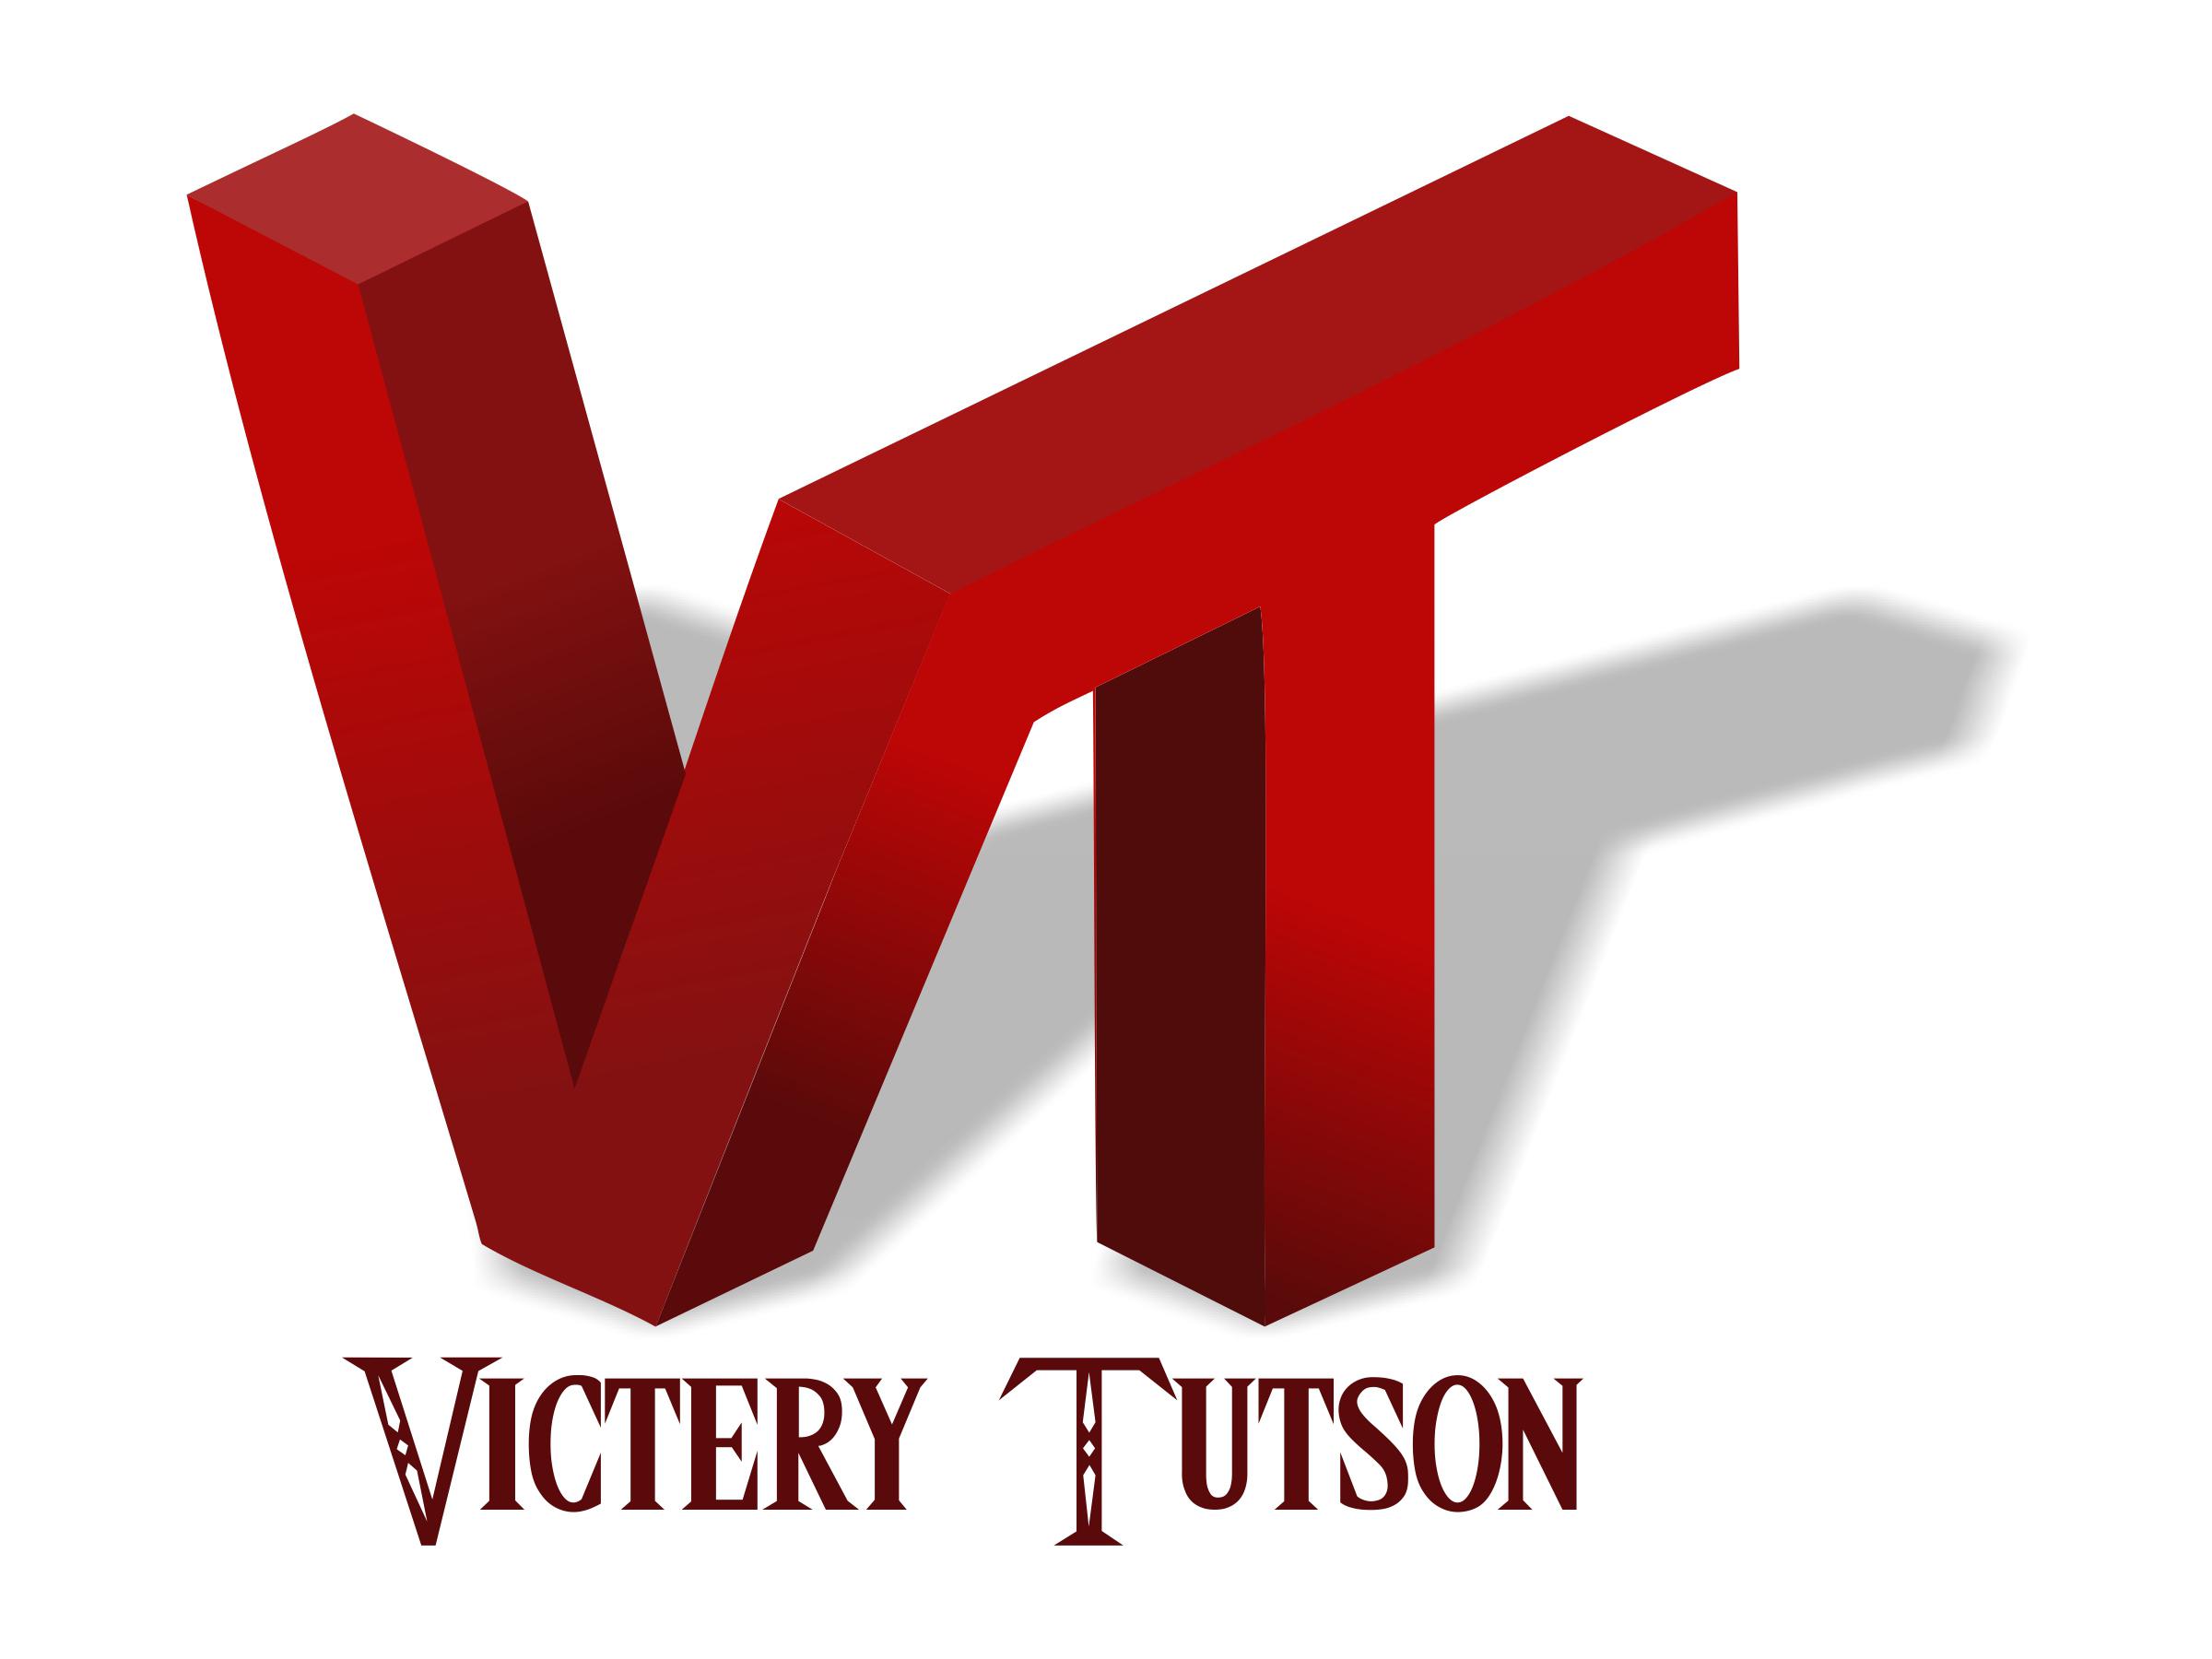 victery tutson logo design